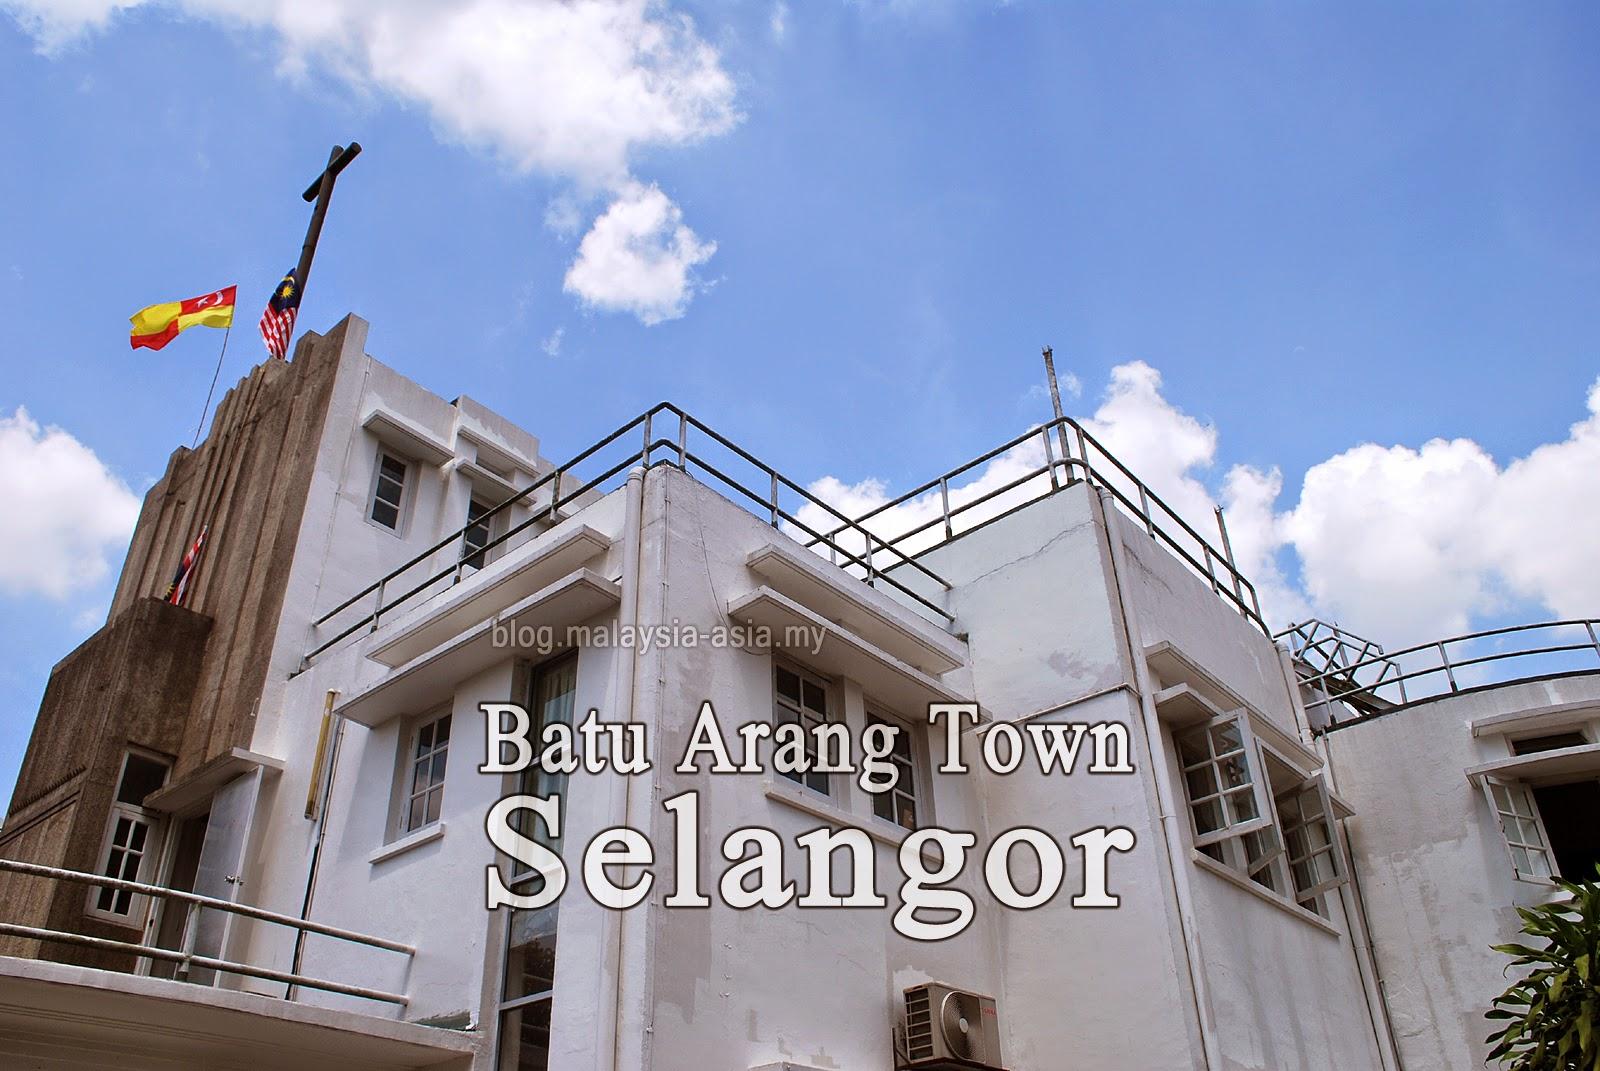 Batu Arang Town in Selangor